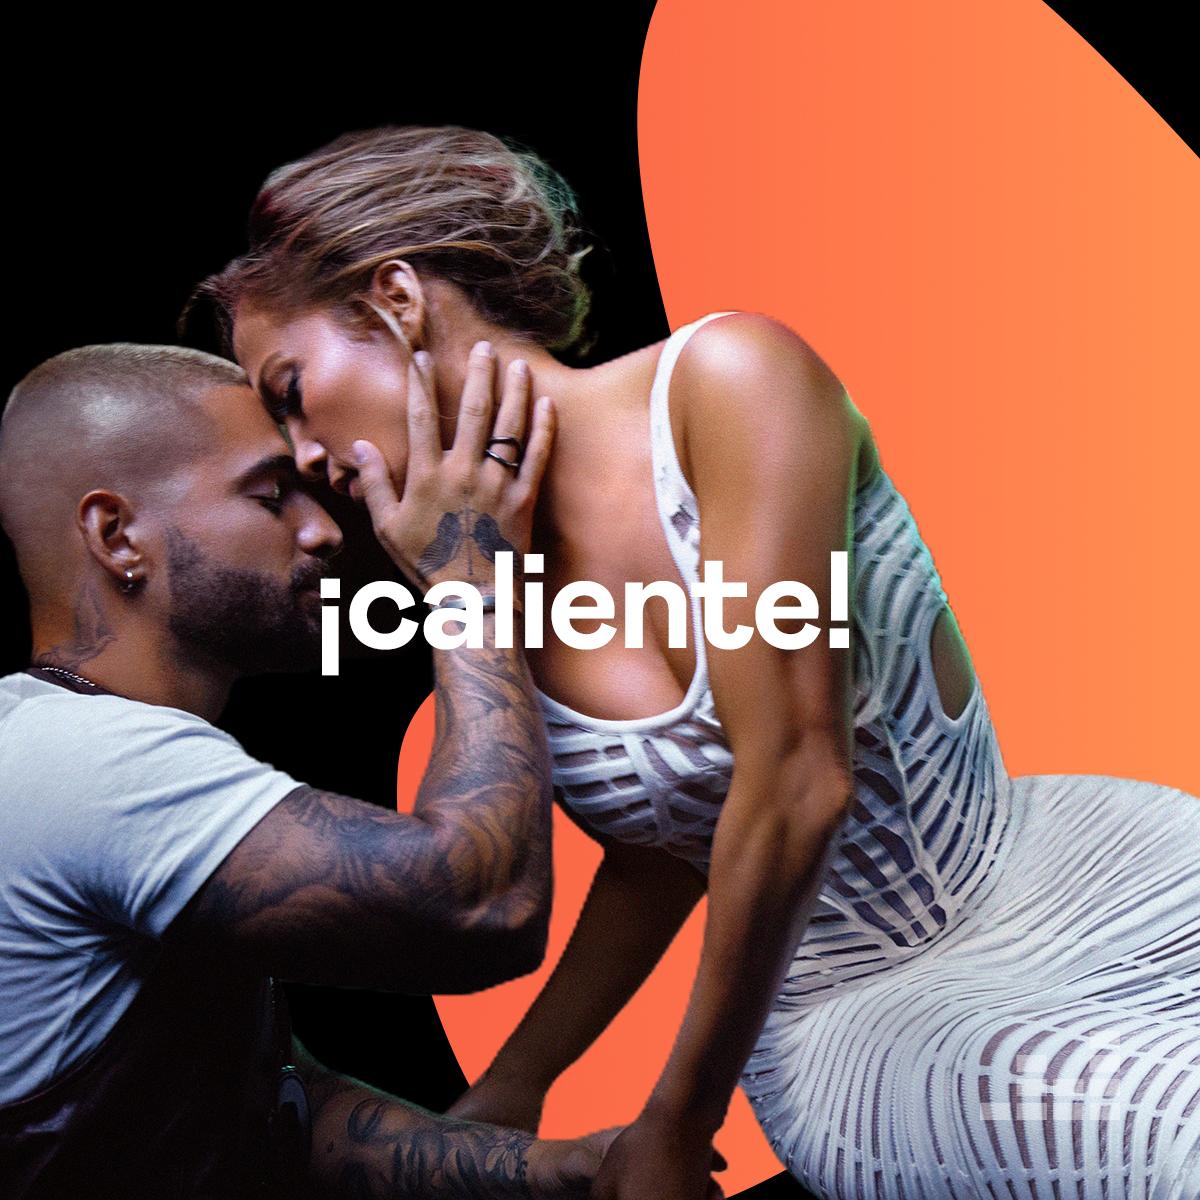 ¡Esto está #Caliente! @JLo  y @maluma  están en este playlist de @DeezerLatino con #PaTiLonely no dejes de escucharlo acá: https://t.co/1qj2sGQXfW https://t.co/LWcjFTsnGn